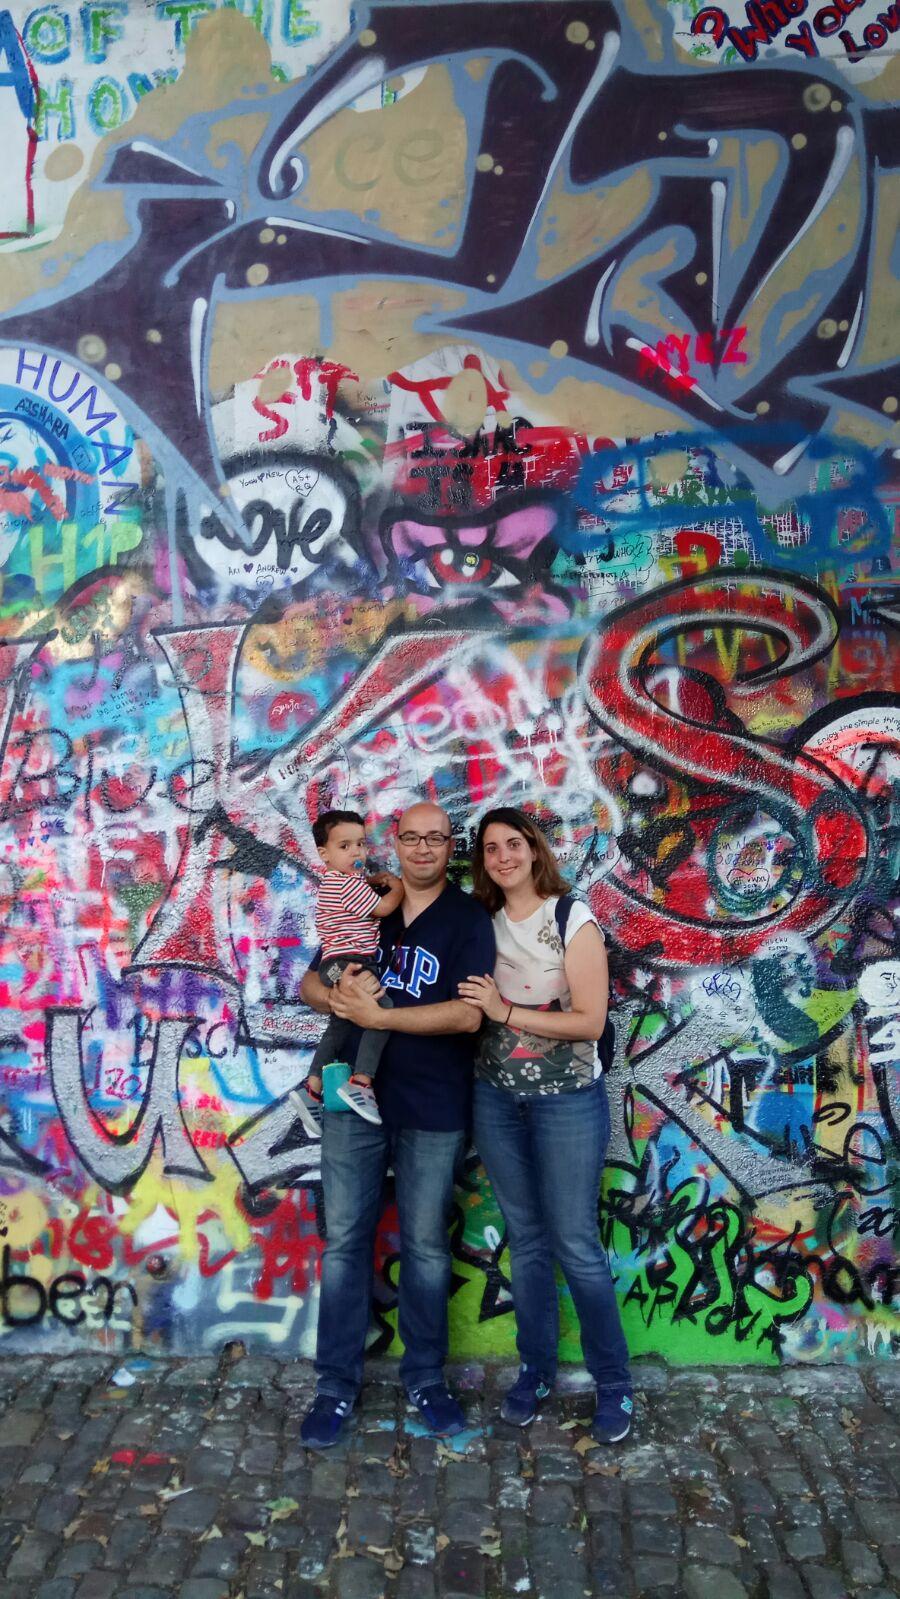 La familia de viaje a tres delante de uno de los murales pintados de P